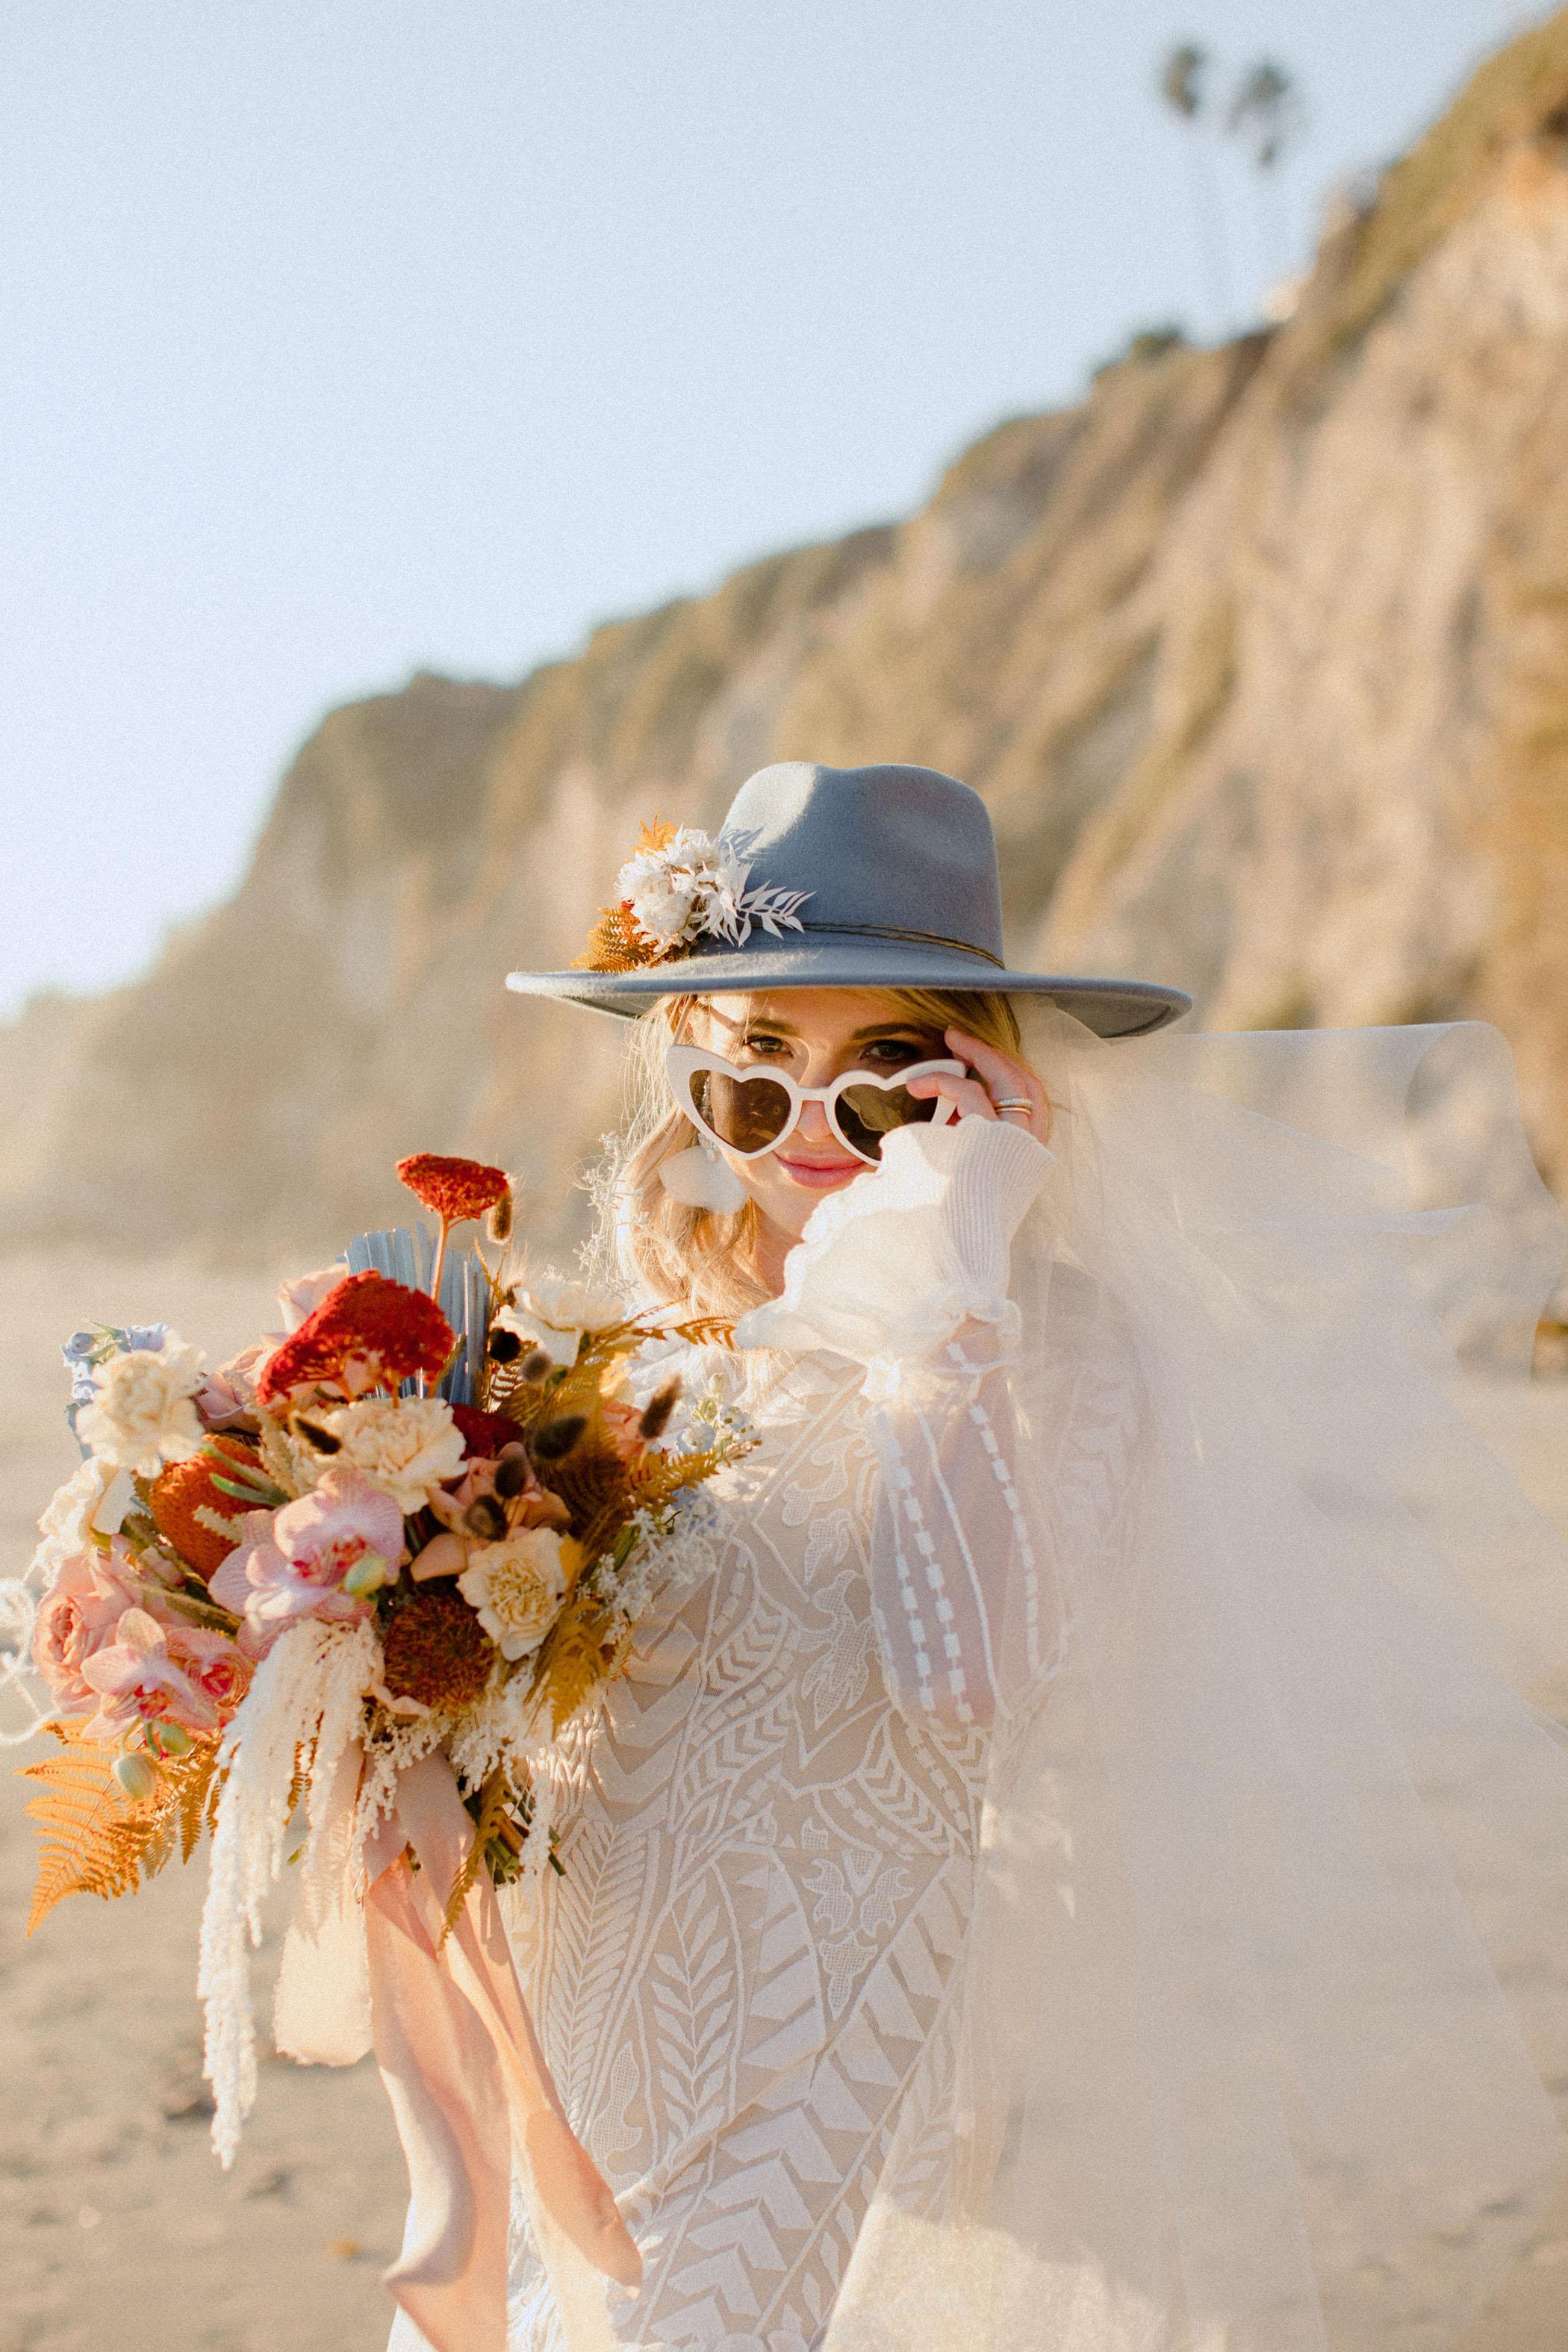 Heart Sunglasses Bride